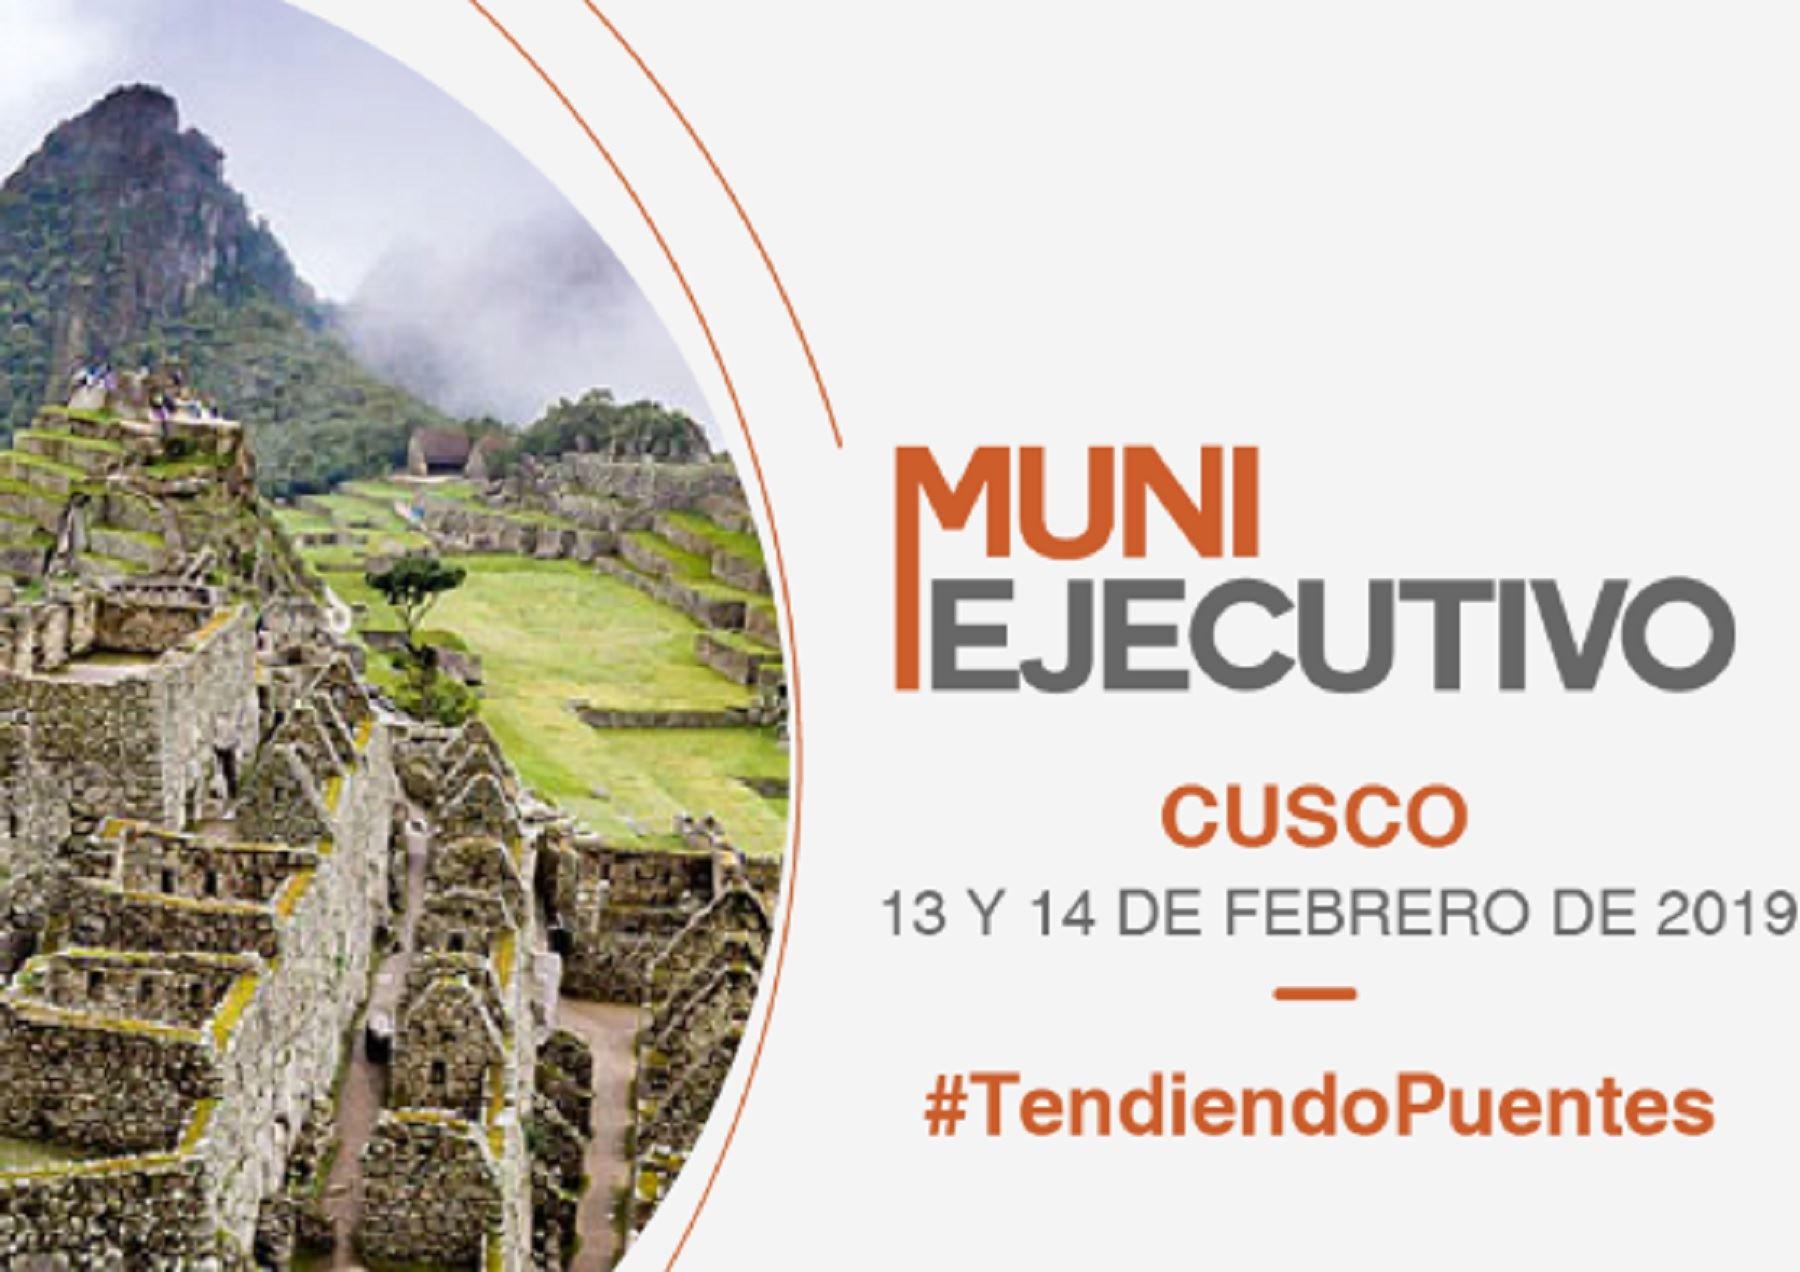 Muni Ejecutivo Cusco